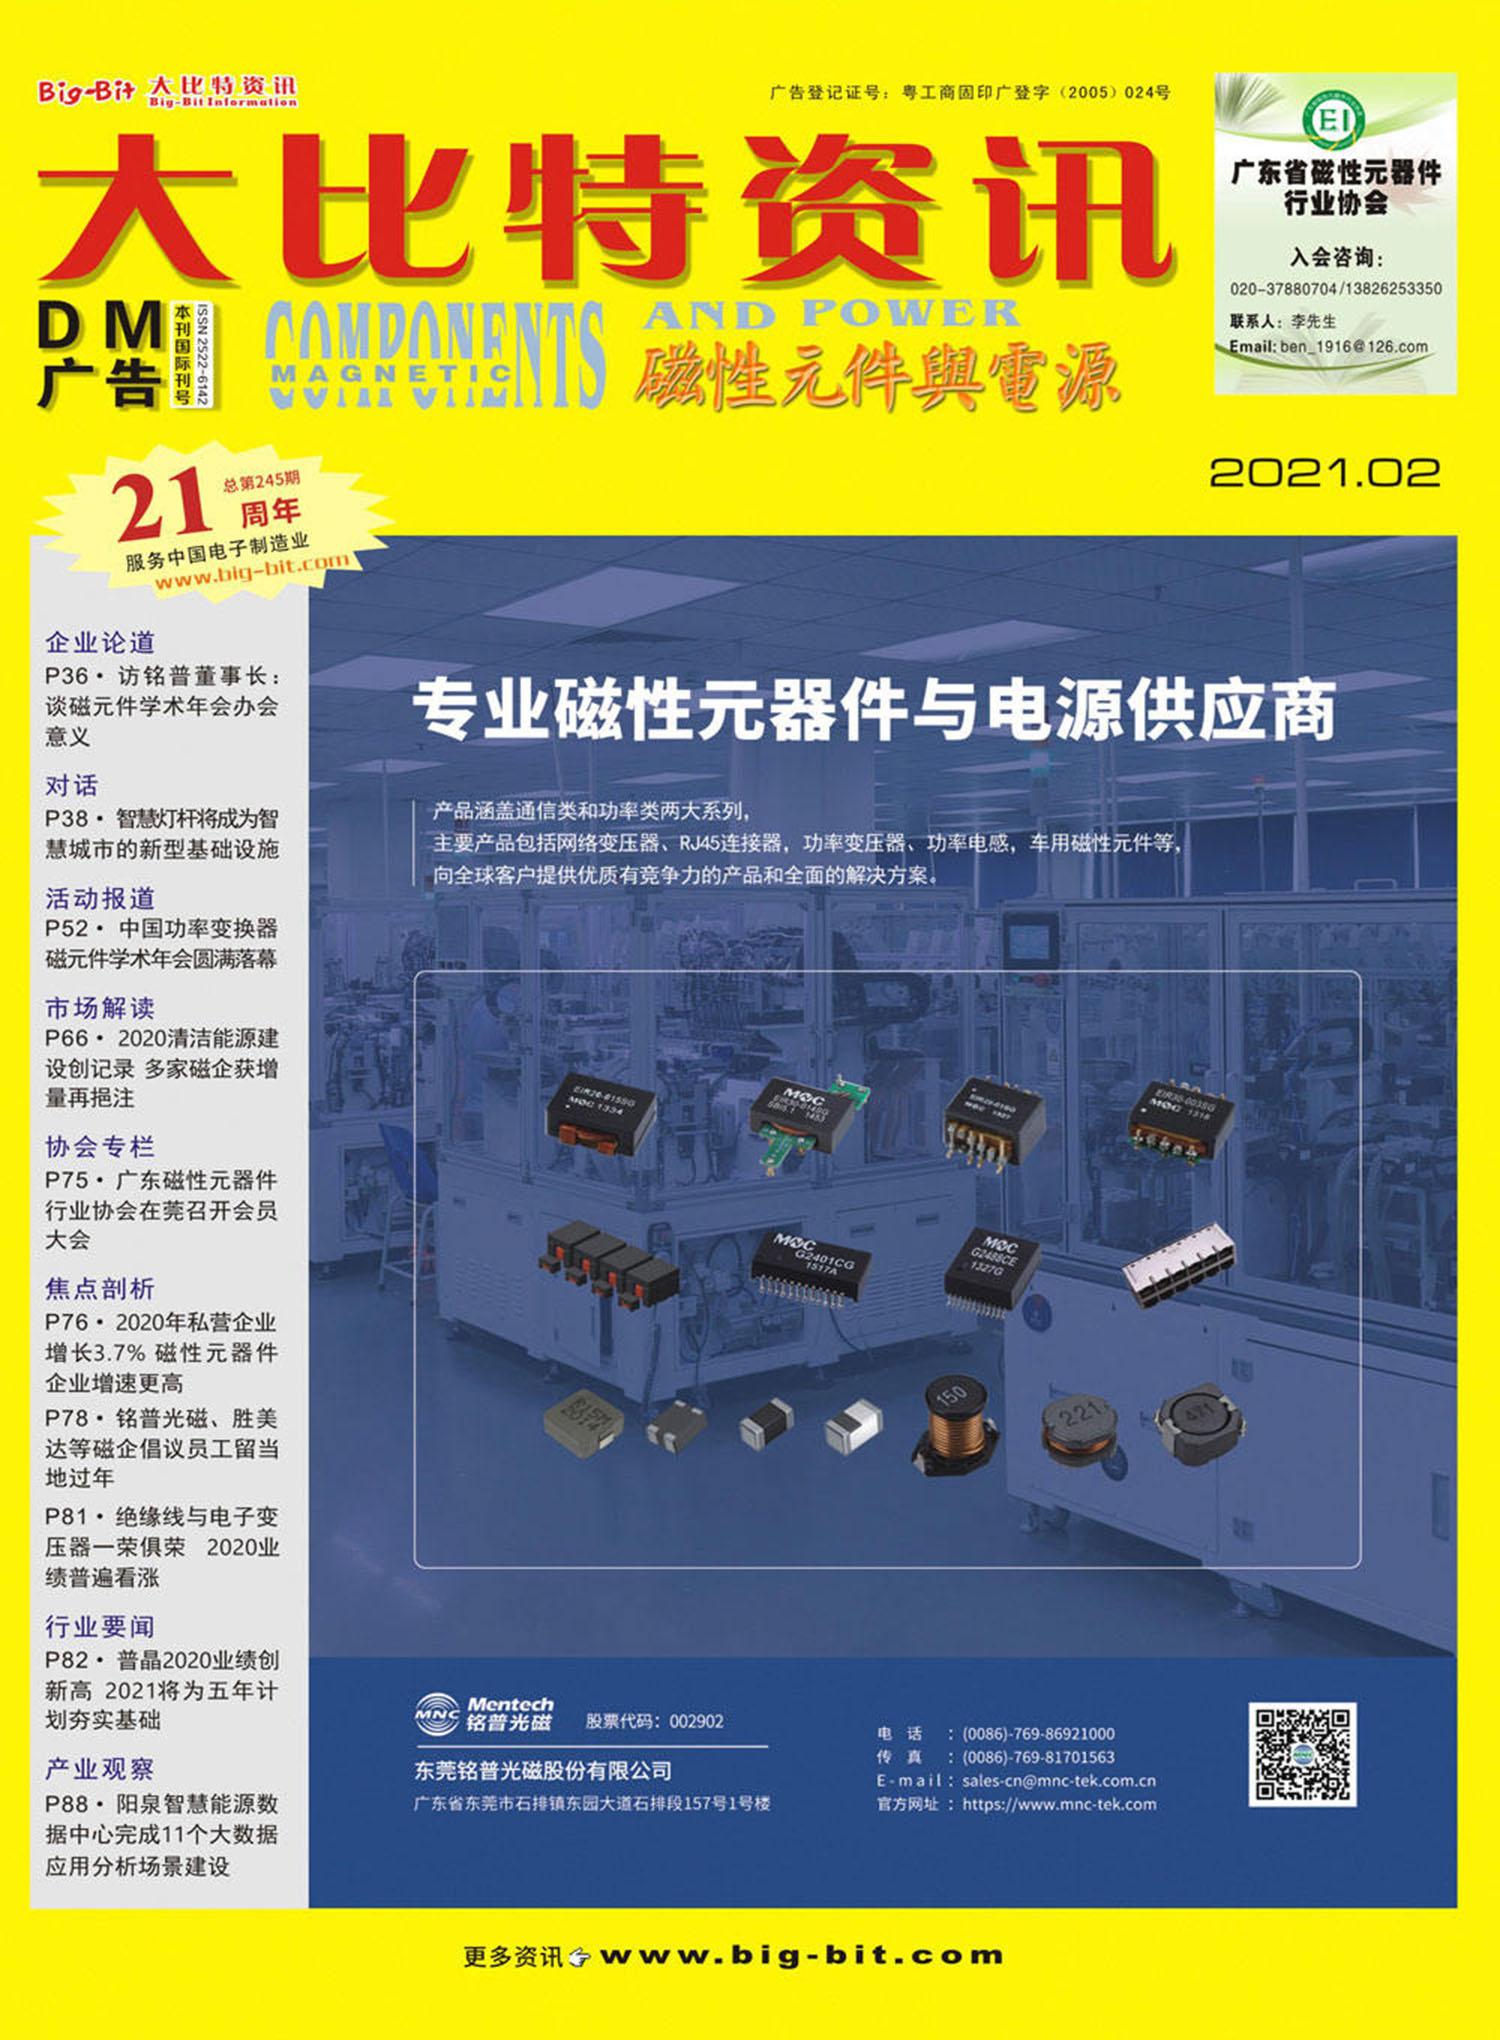 《磁性元件与电源》杂志2021年02月刊